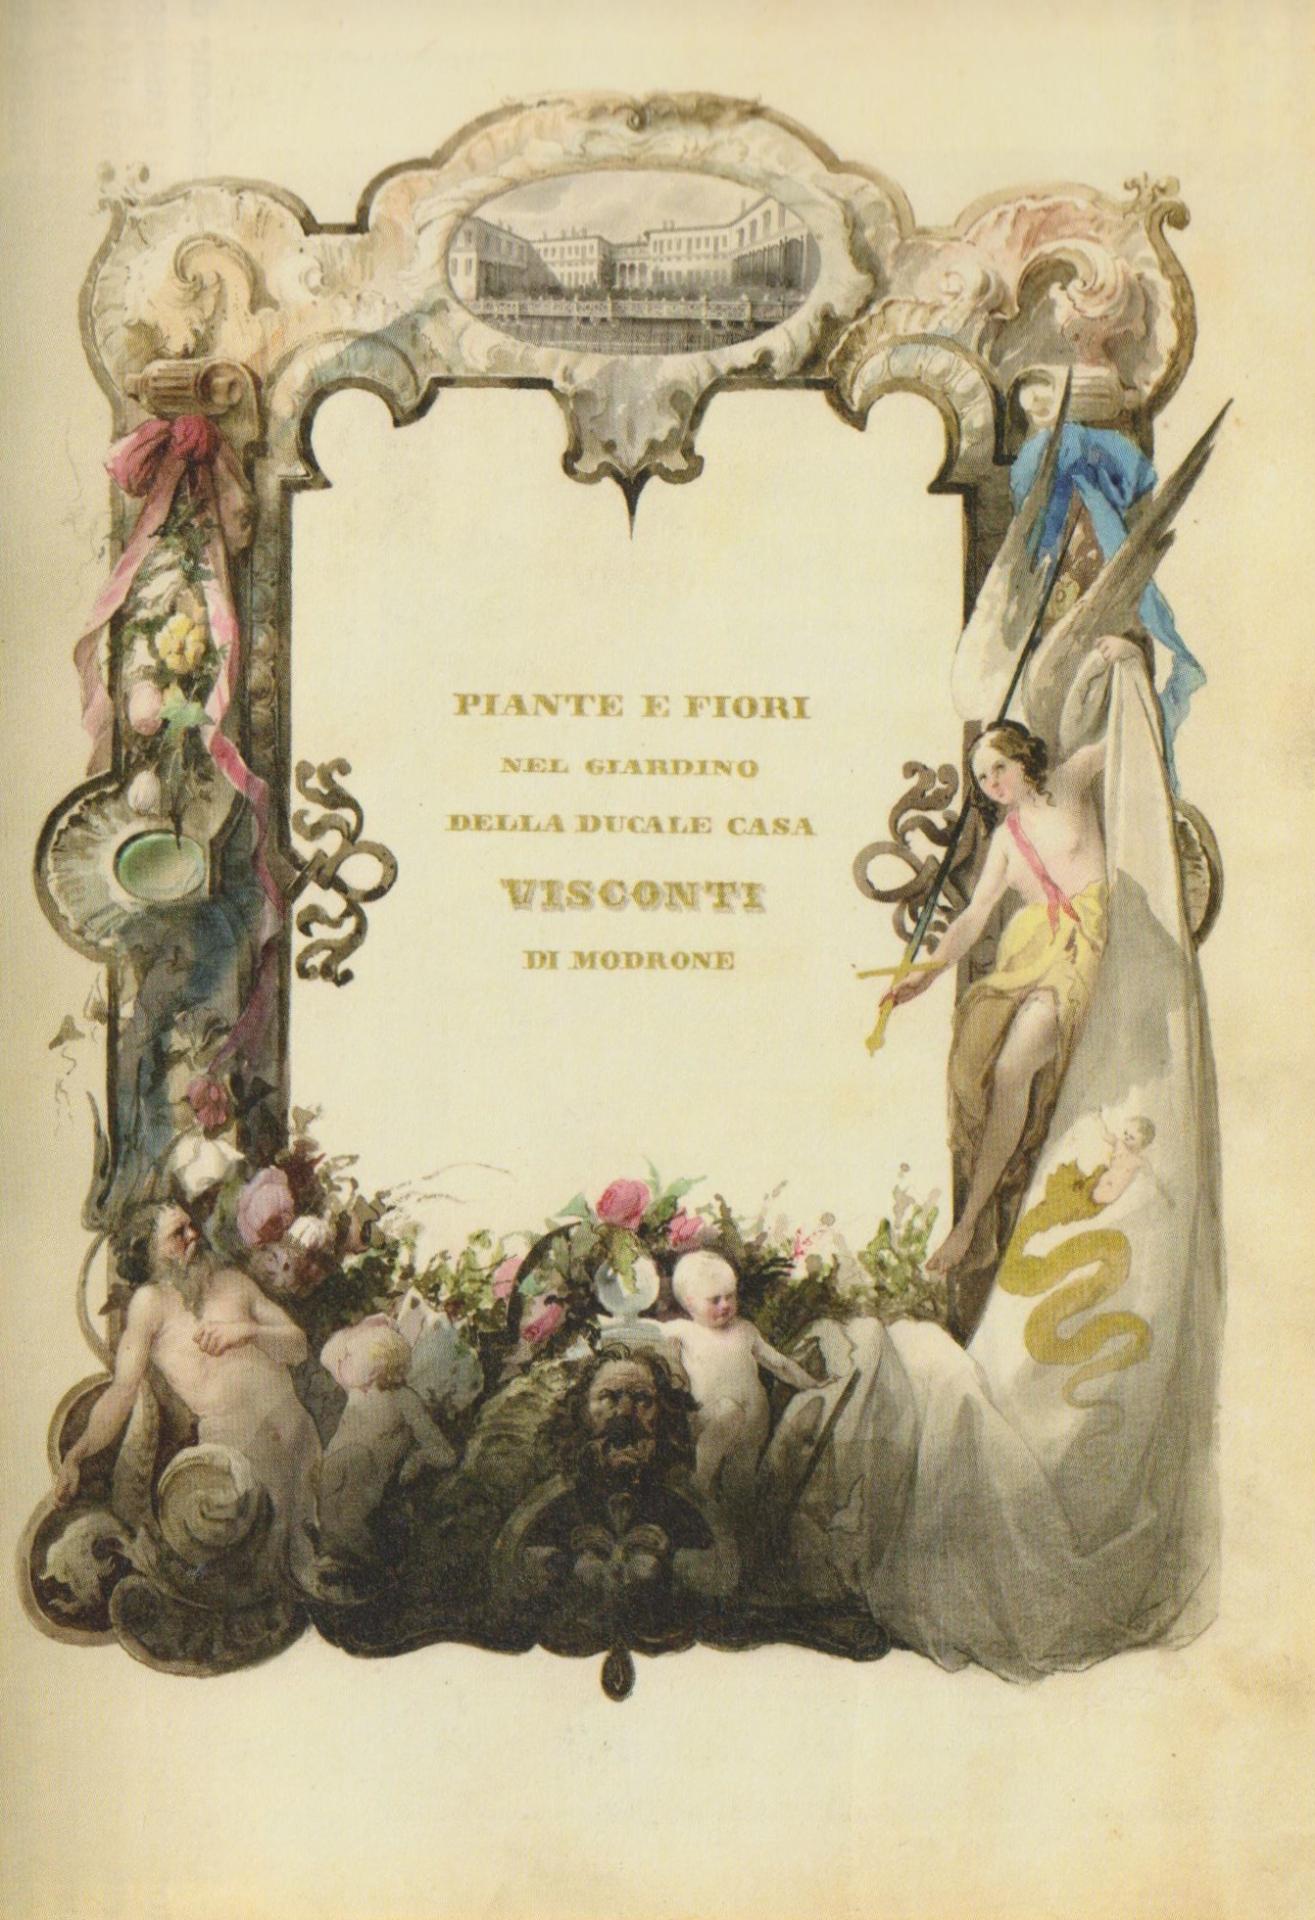 copertina del registro di piante e fiori di casa ducale Visconti